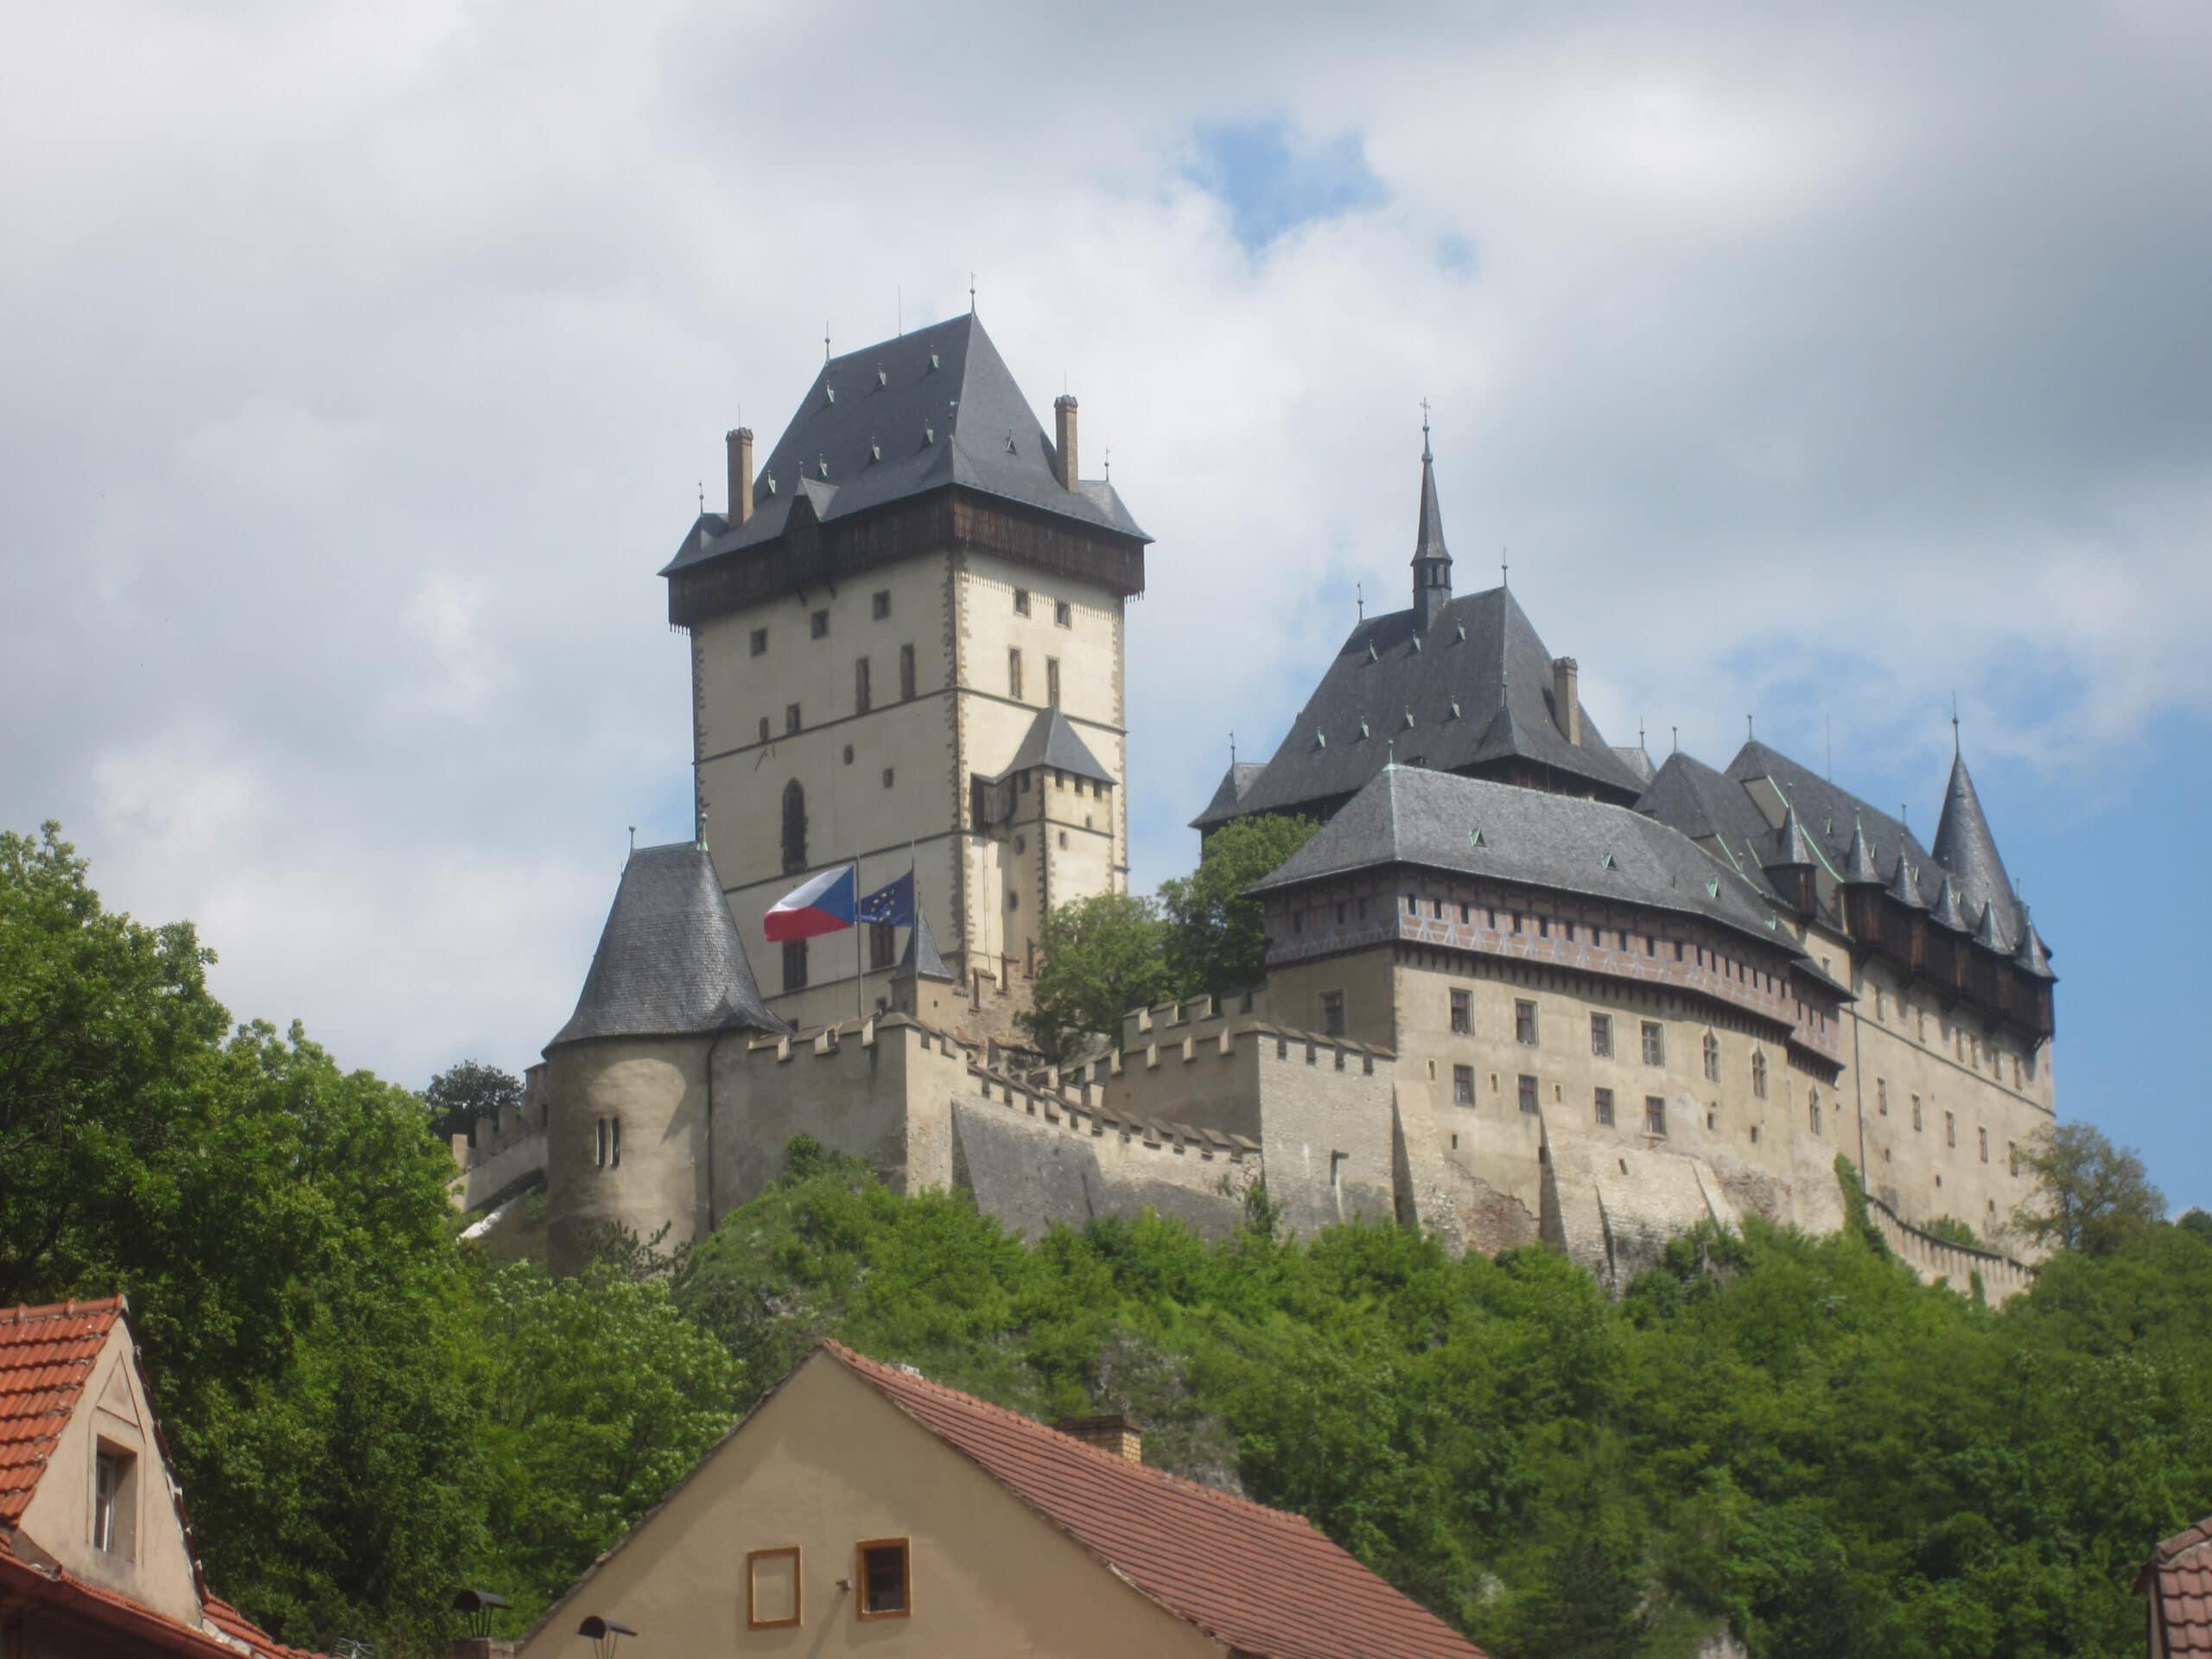 Wandern Sie z.B. von Beroun aus an der Berounka zur Burg Karlstein: eine wahrhaft märchenhafte Tour!